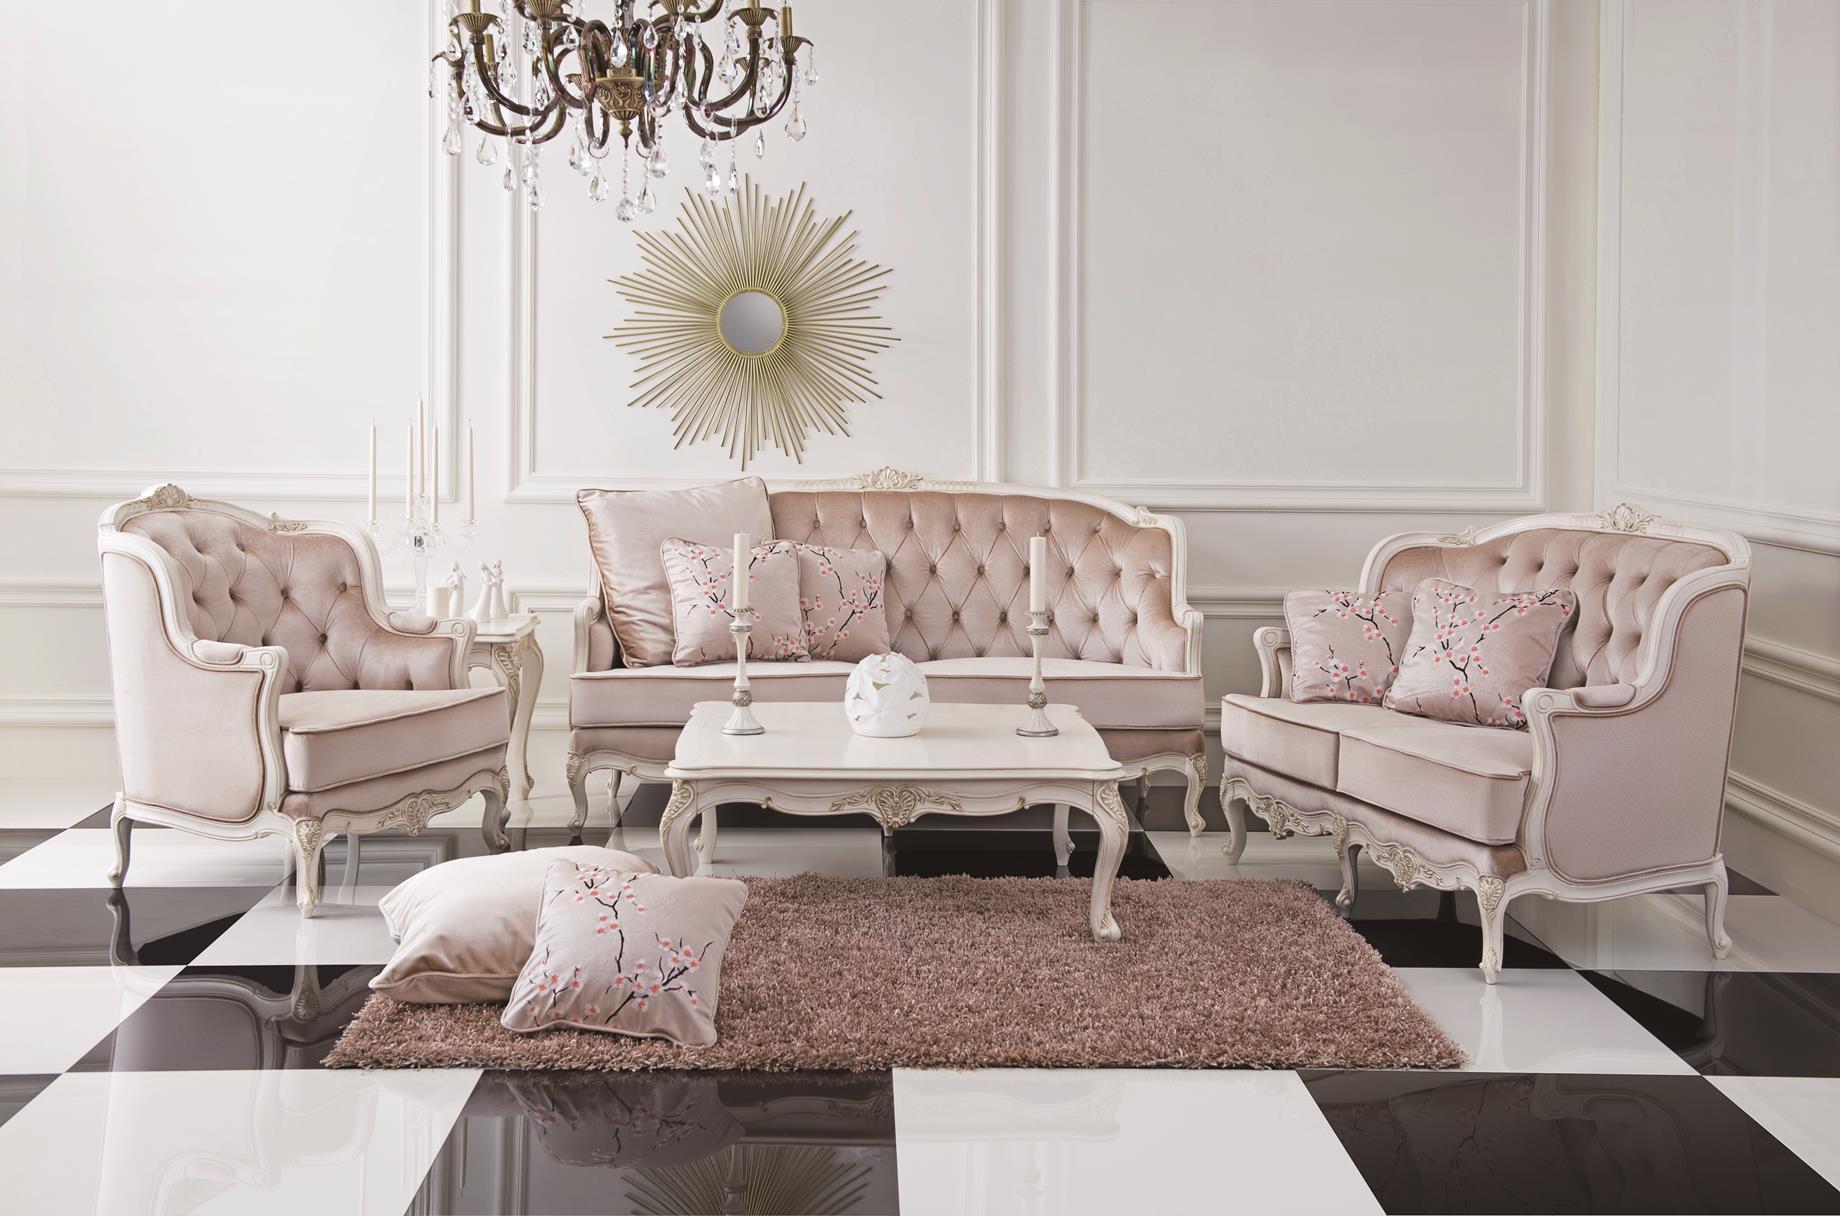 Сбор заказов. Потрясающие коллекции мебели из дерева лучших пород от известных азиатских производителей, A-s-h-l-e-y, B-o-g-a-c-h-o. Мягкая мебель мебель для спален и гостиных, столовые группы, реклайнеры,кабинеты, а так же аксессуары.- 16